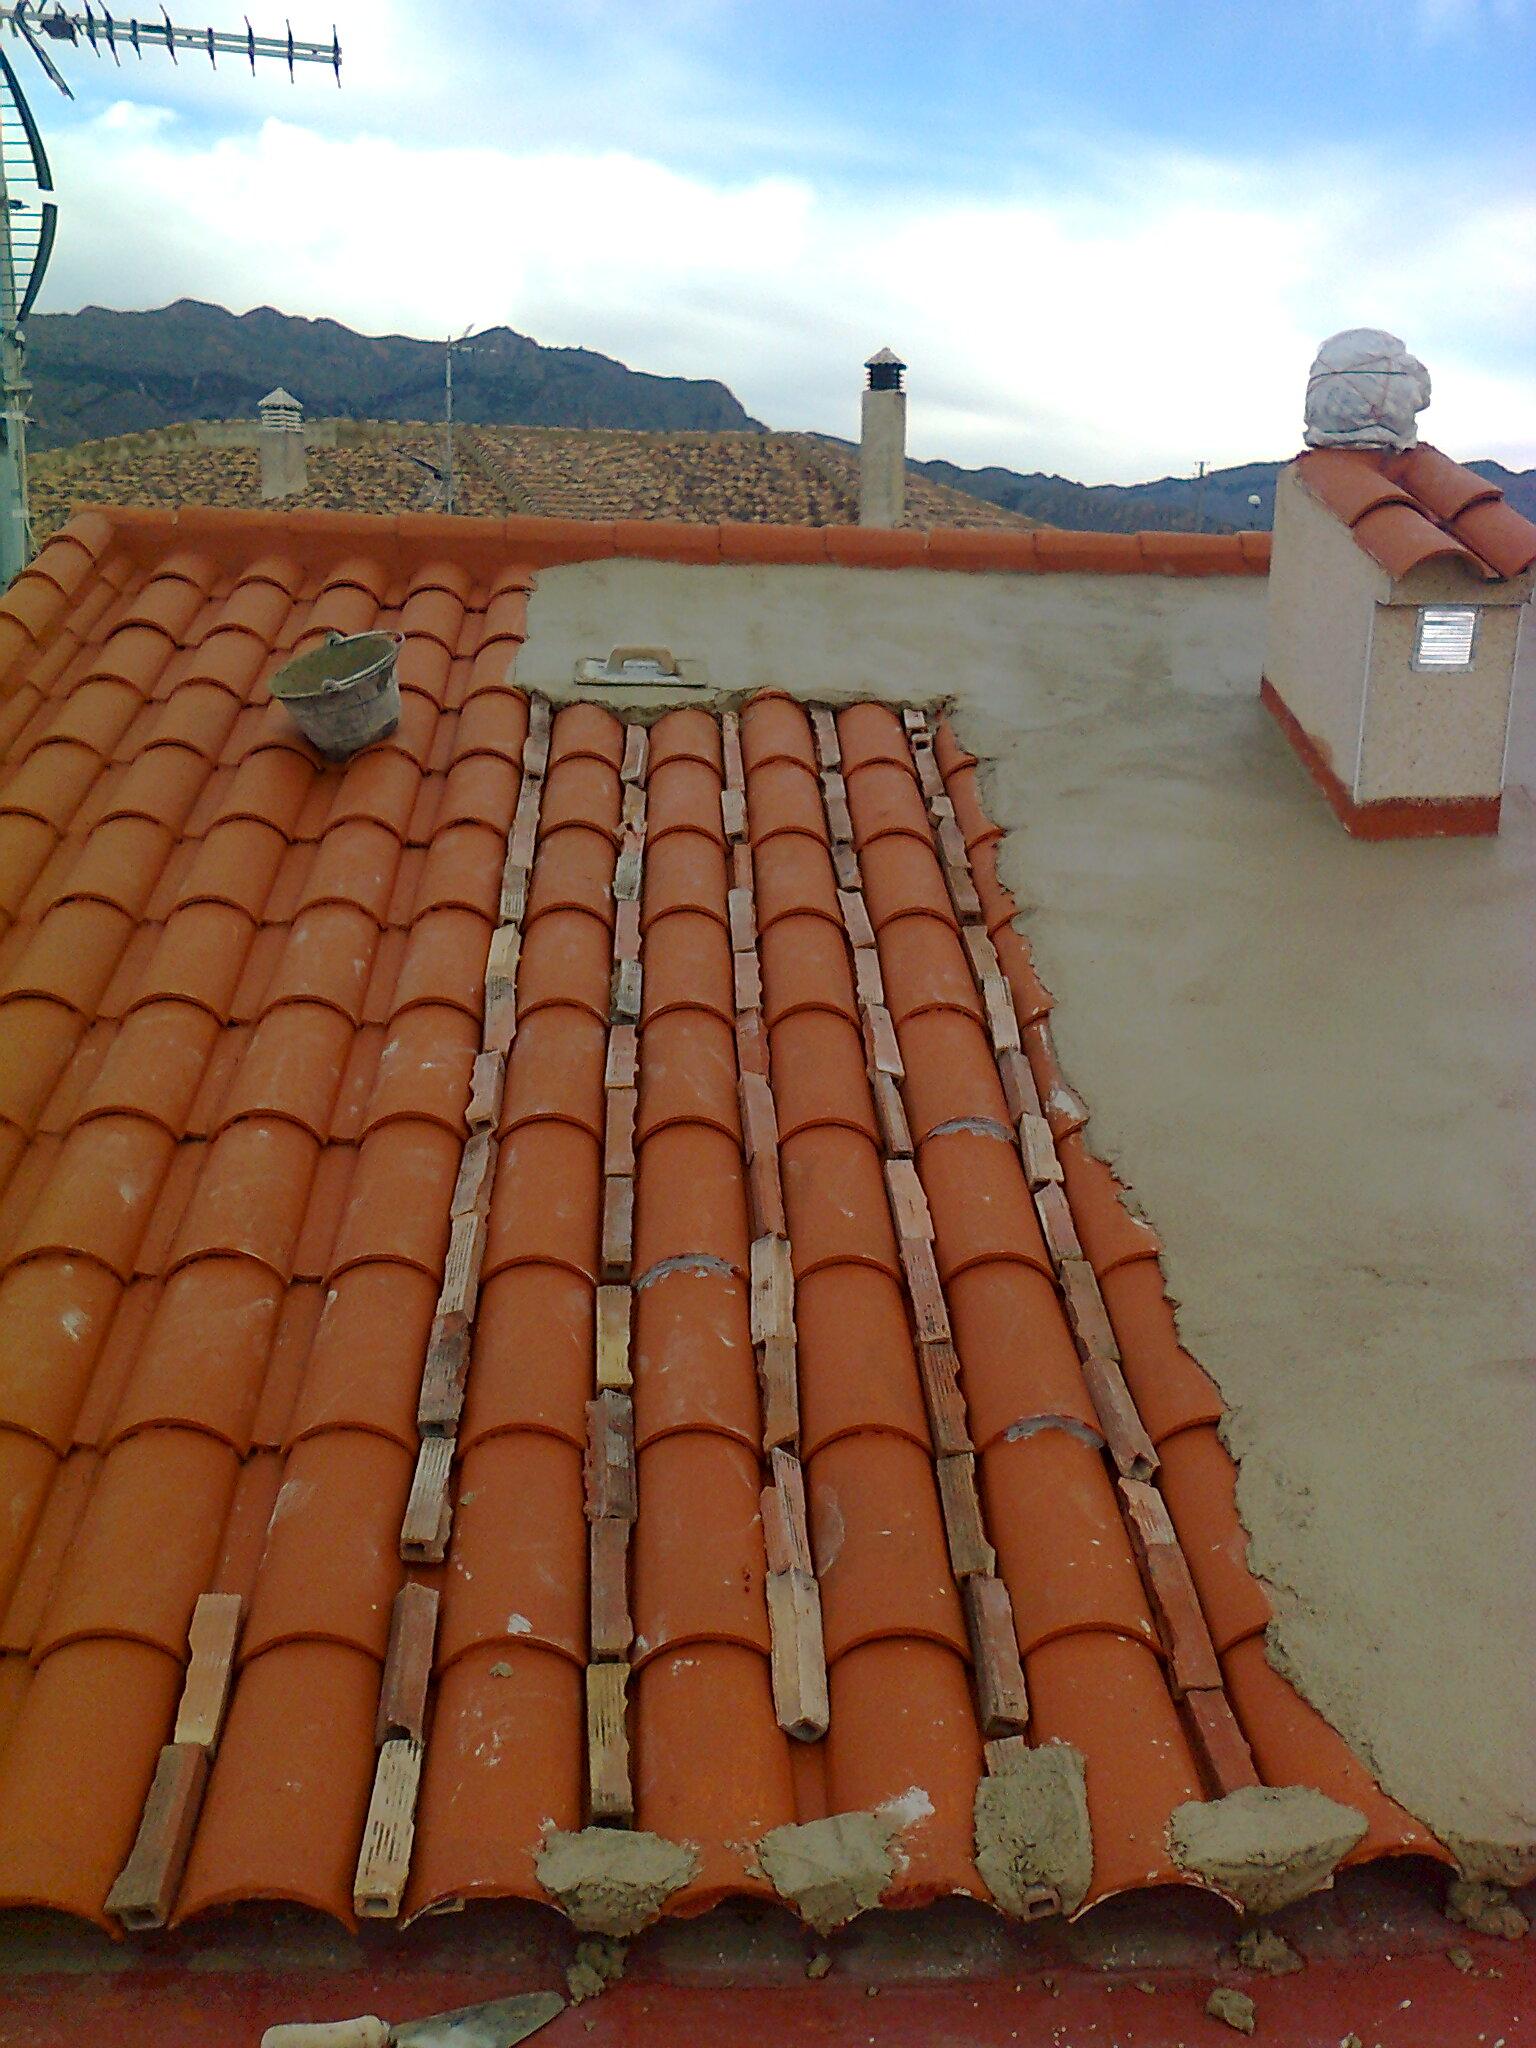 Impermeabilizaci n de terrazas y tejados - Tipos de impermeabilizacion ...